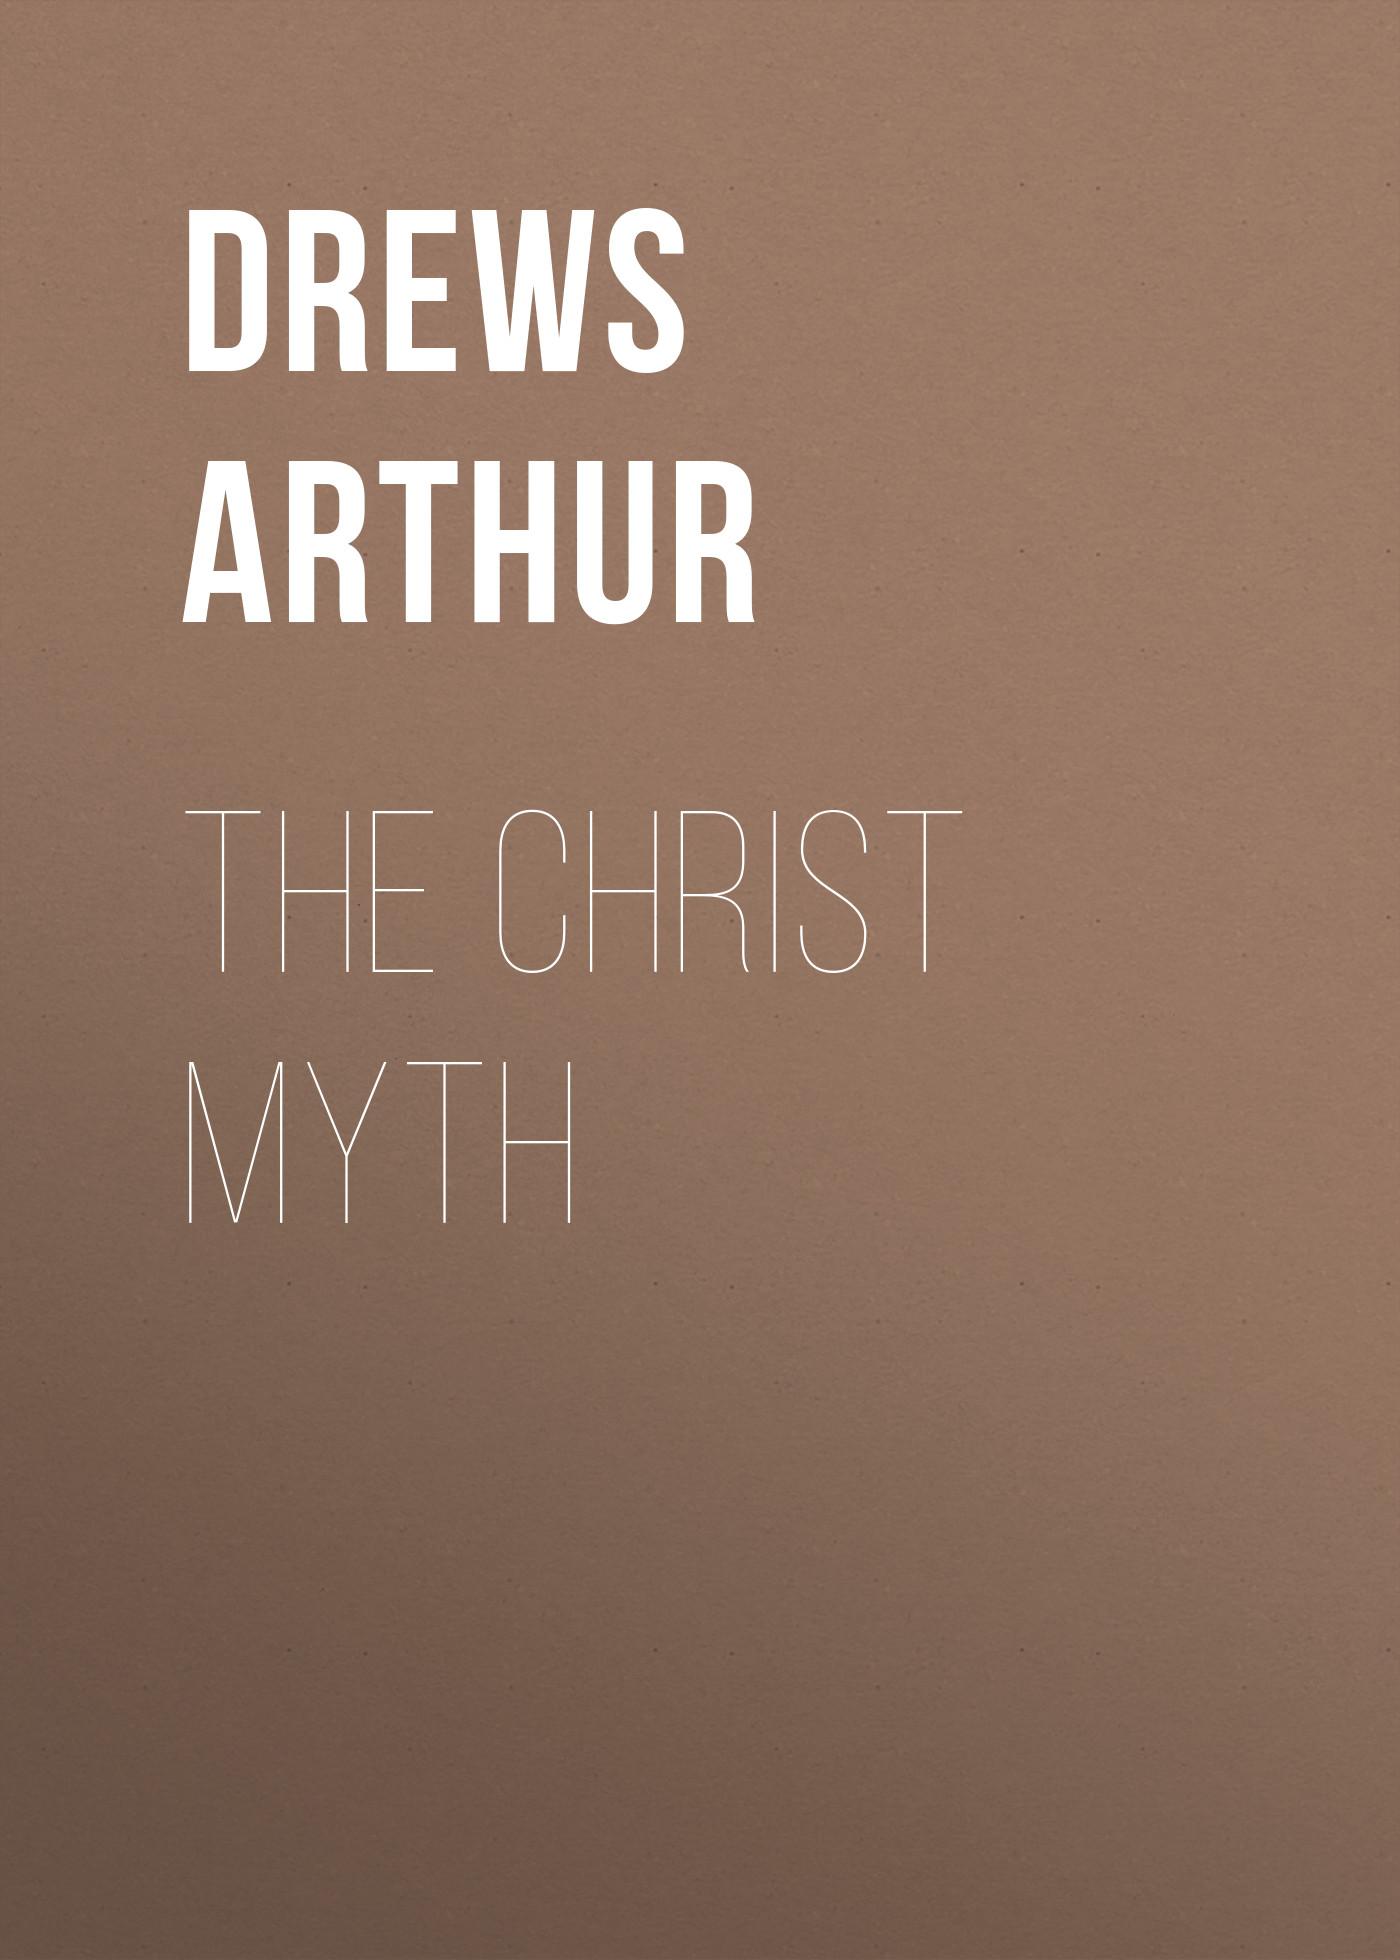 Drews Arthur The Christ Myth